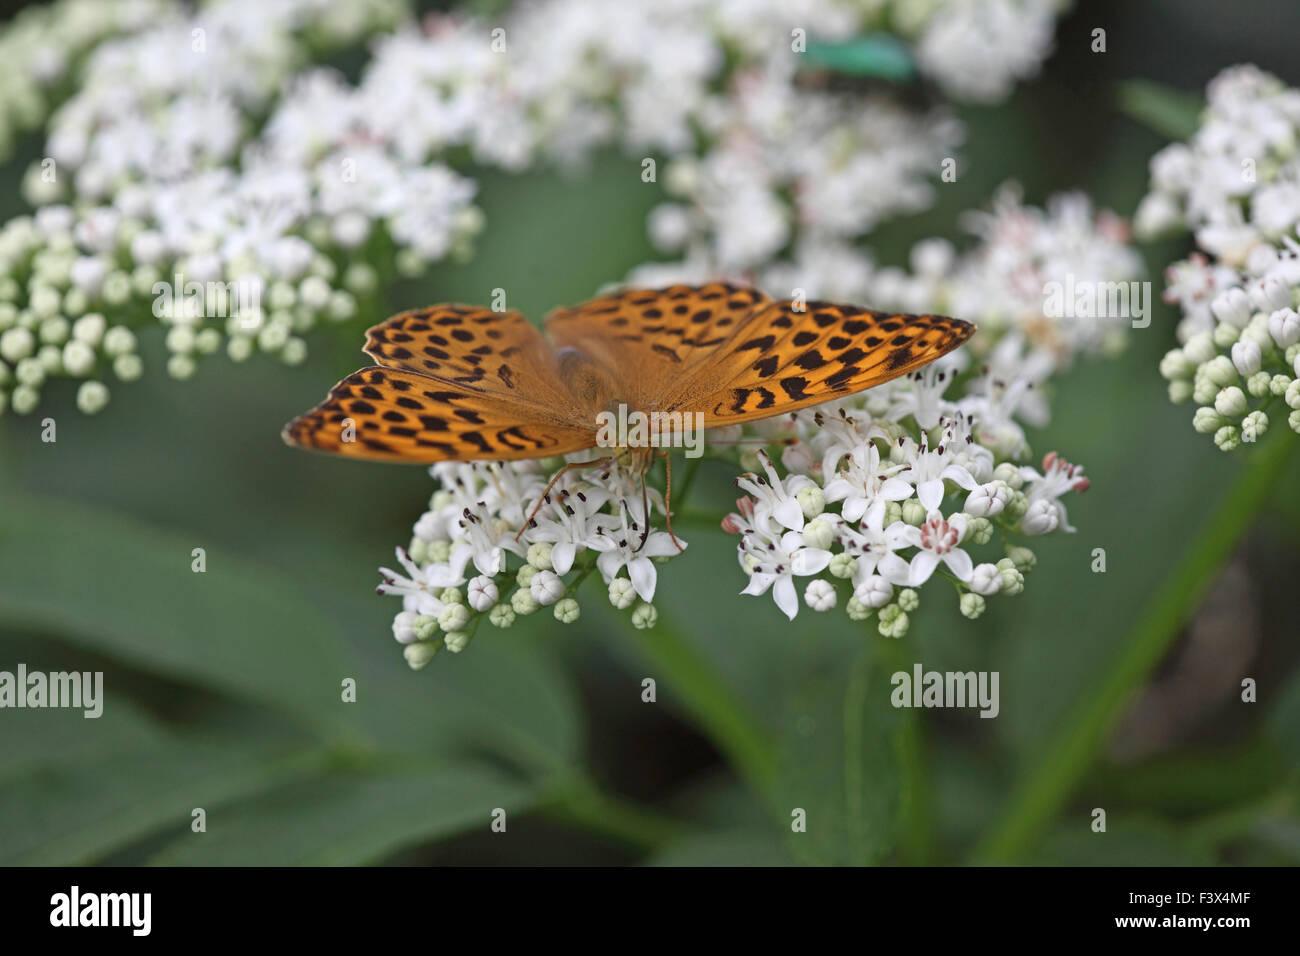 Female taking nectar from scrub elder Hungary June 2015 - Stock Image